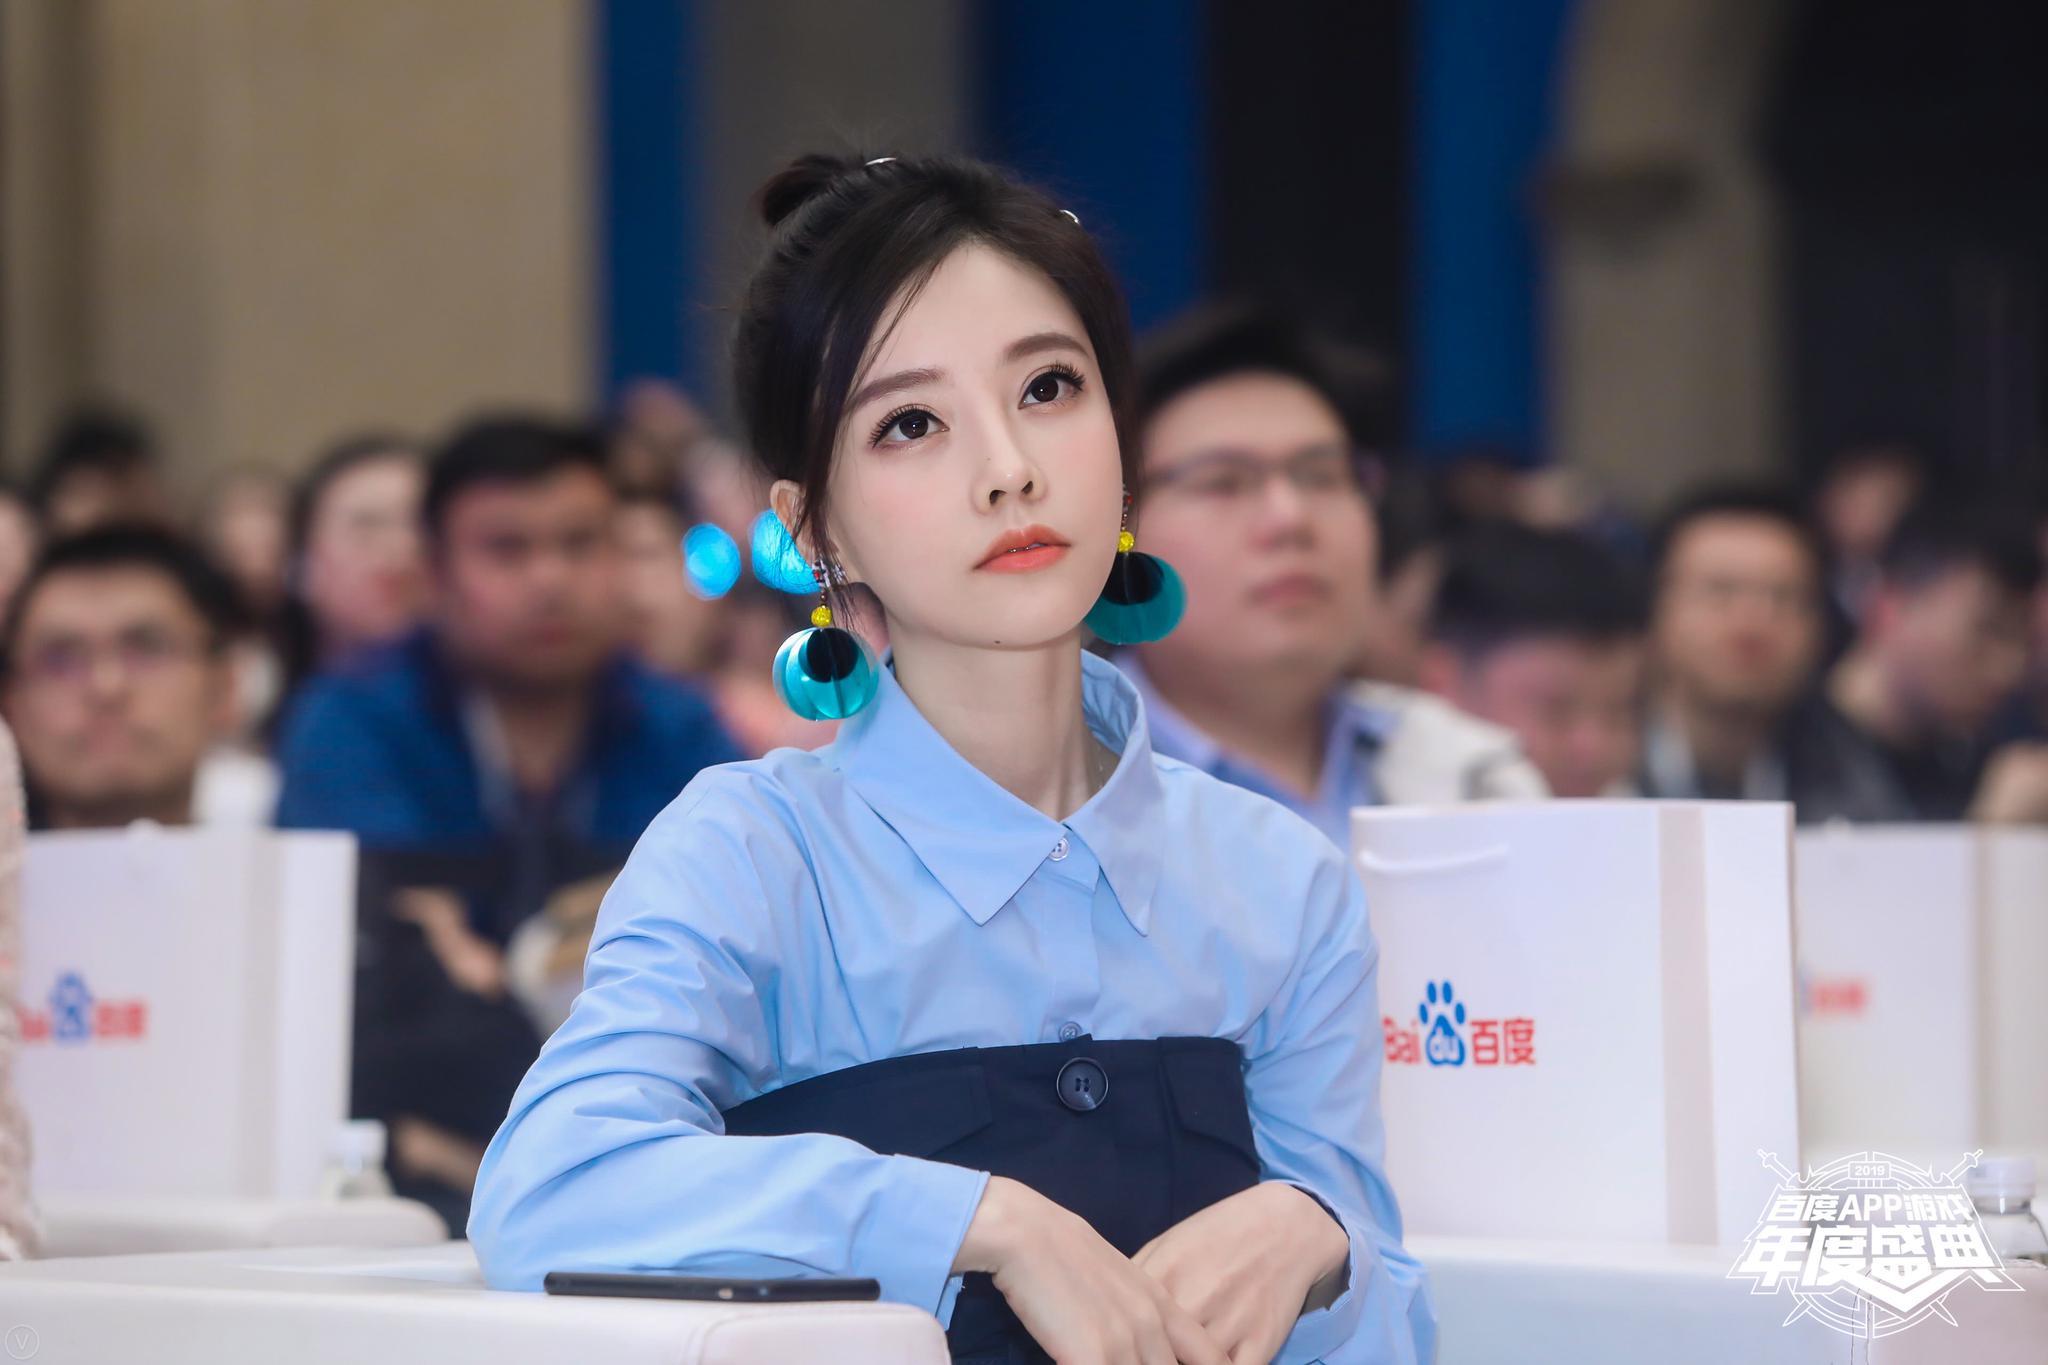 冯提莫亮相电竞盛典摘得两项殊荣 复古衬衫裙造型温柔知性